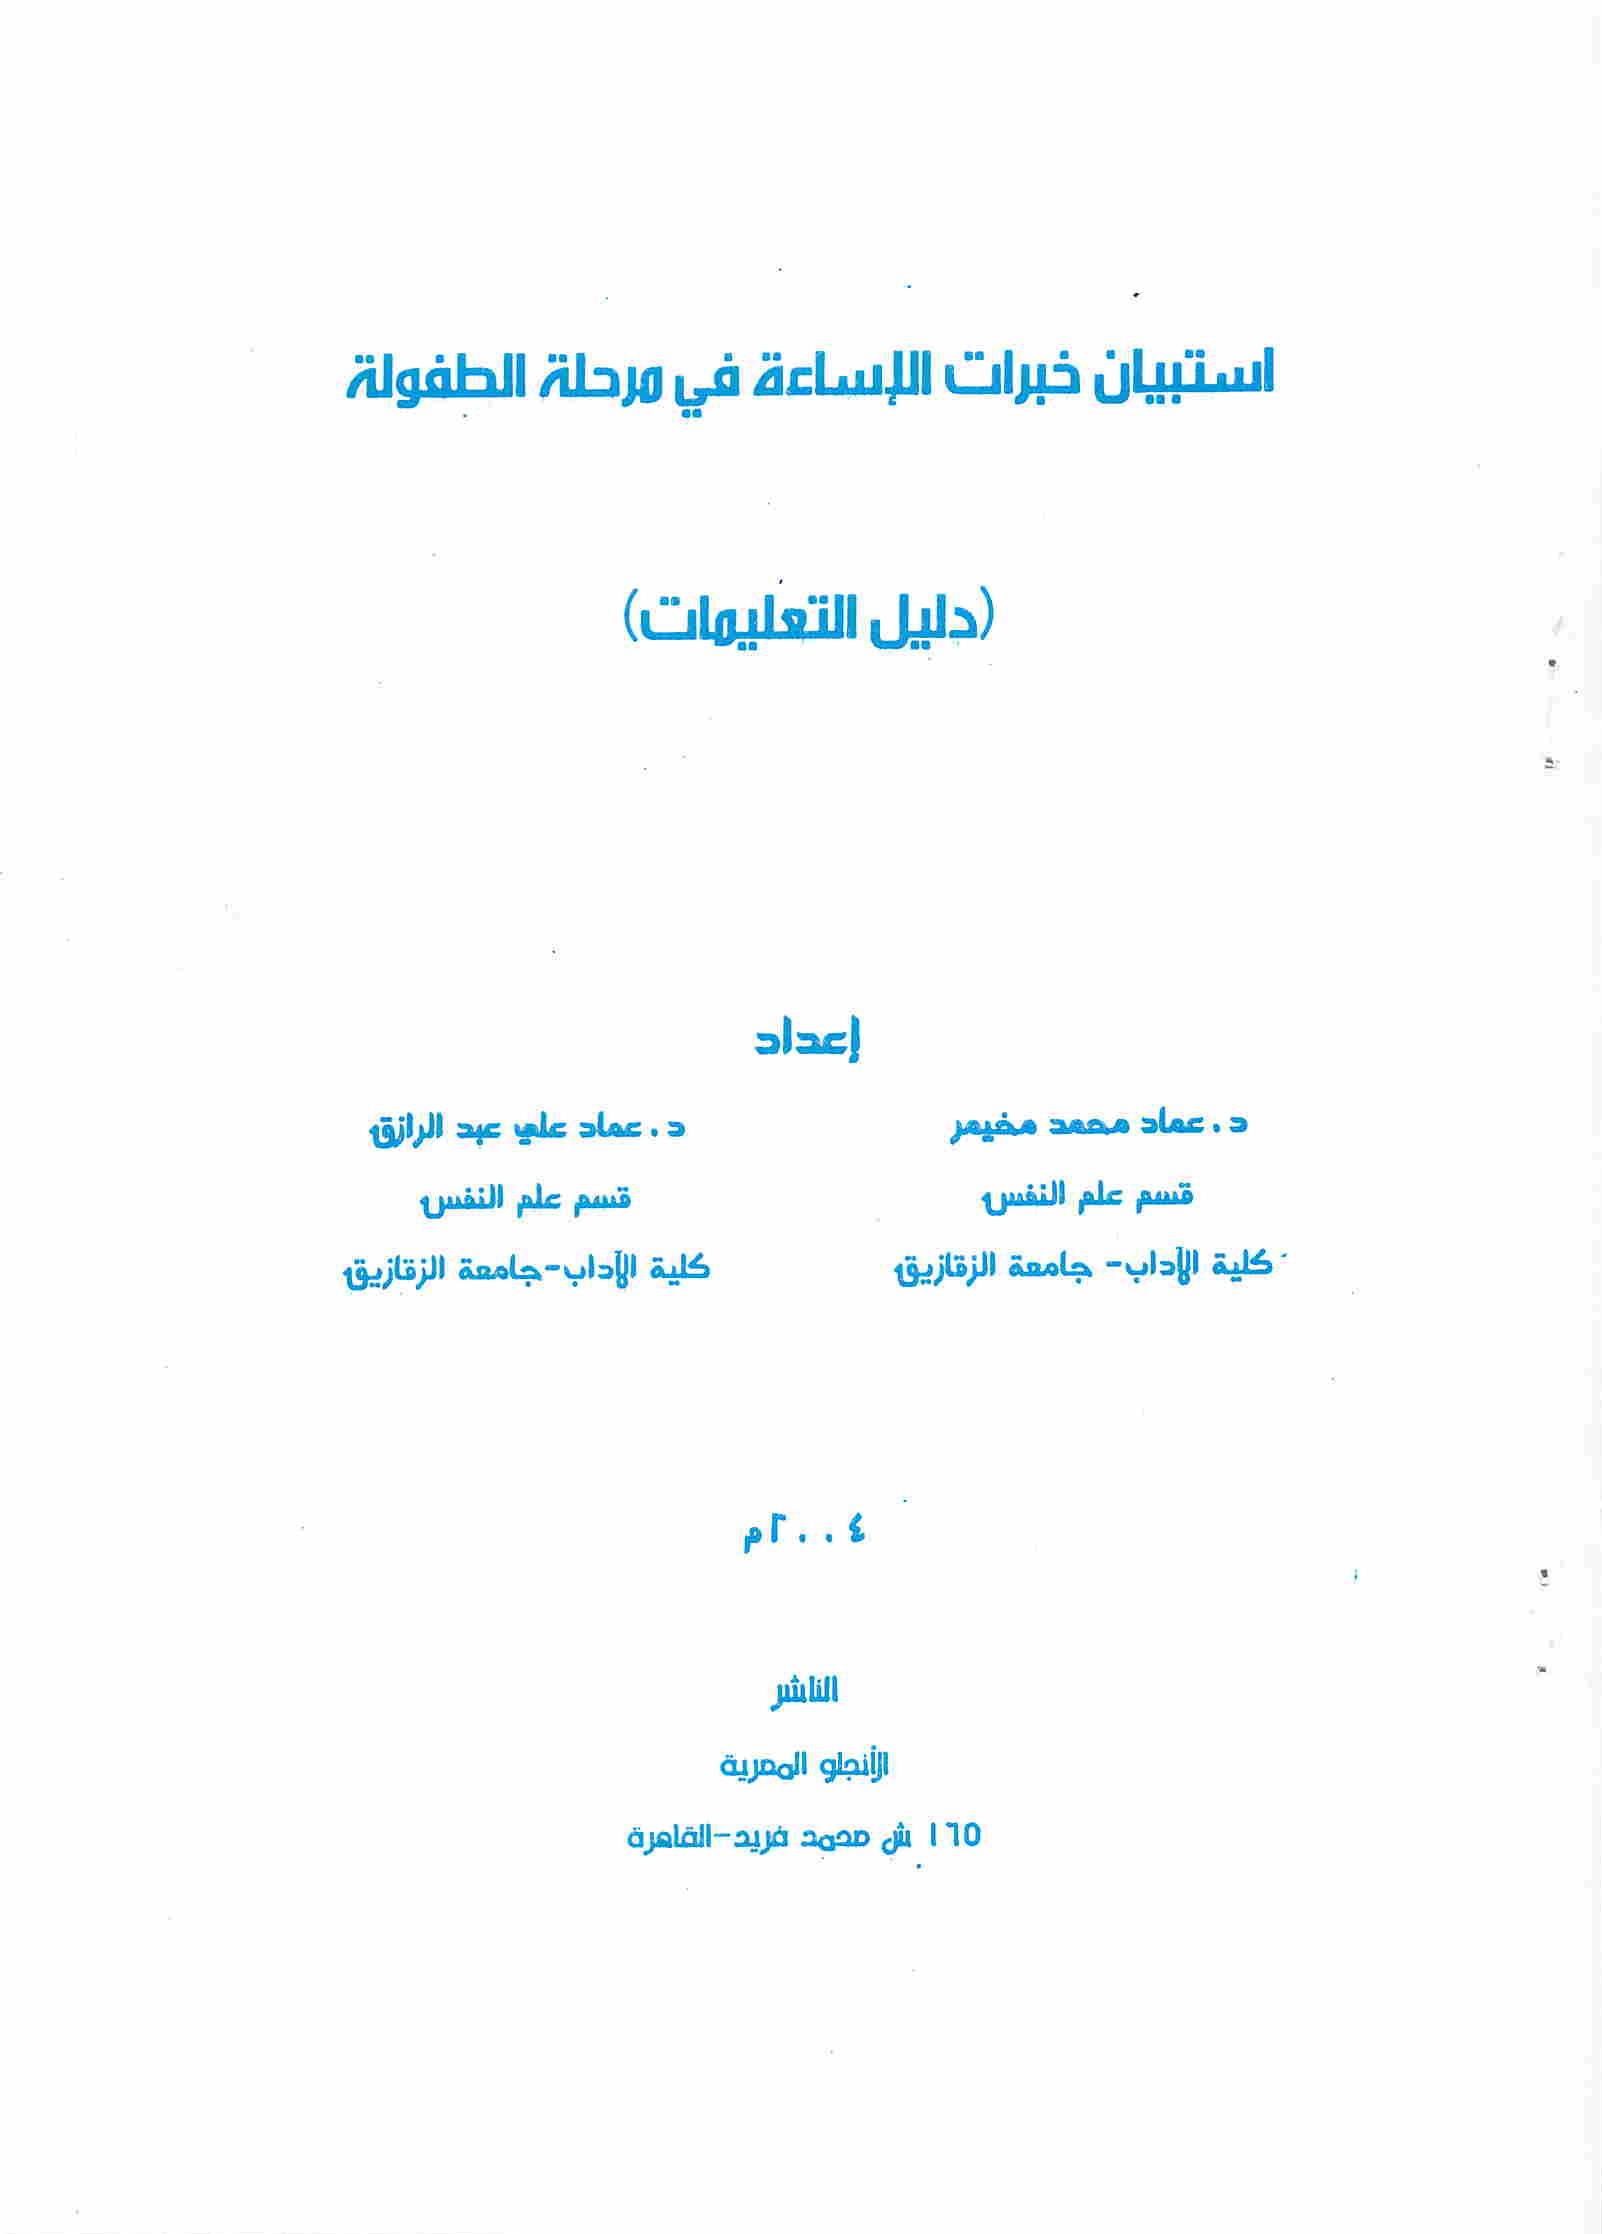 استبيان خبرات اﻻساءة في مرحلة الطفولة المؤلف: د. عماد محمد مخيمر Oooa_y10